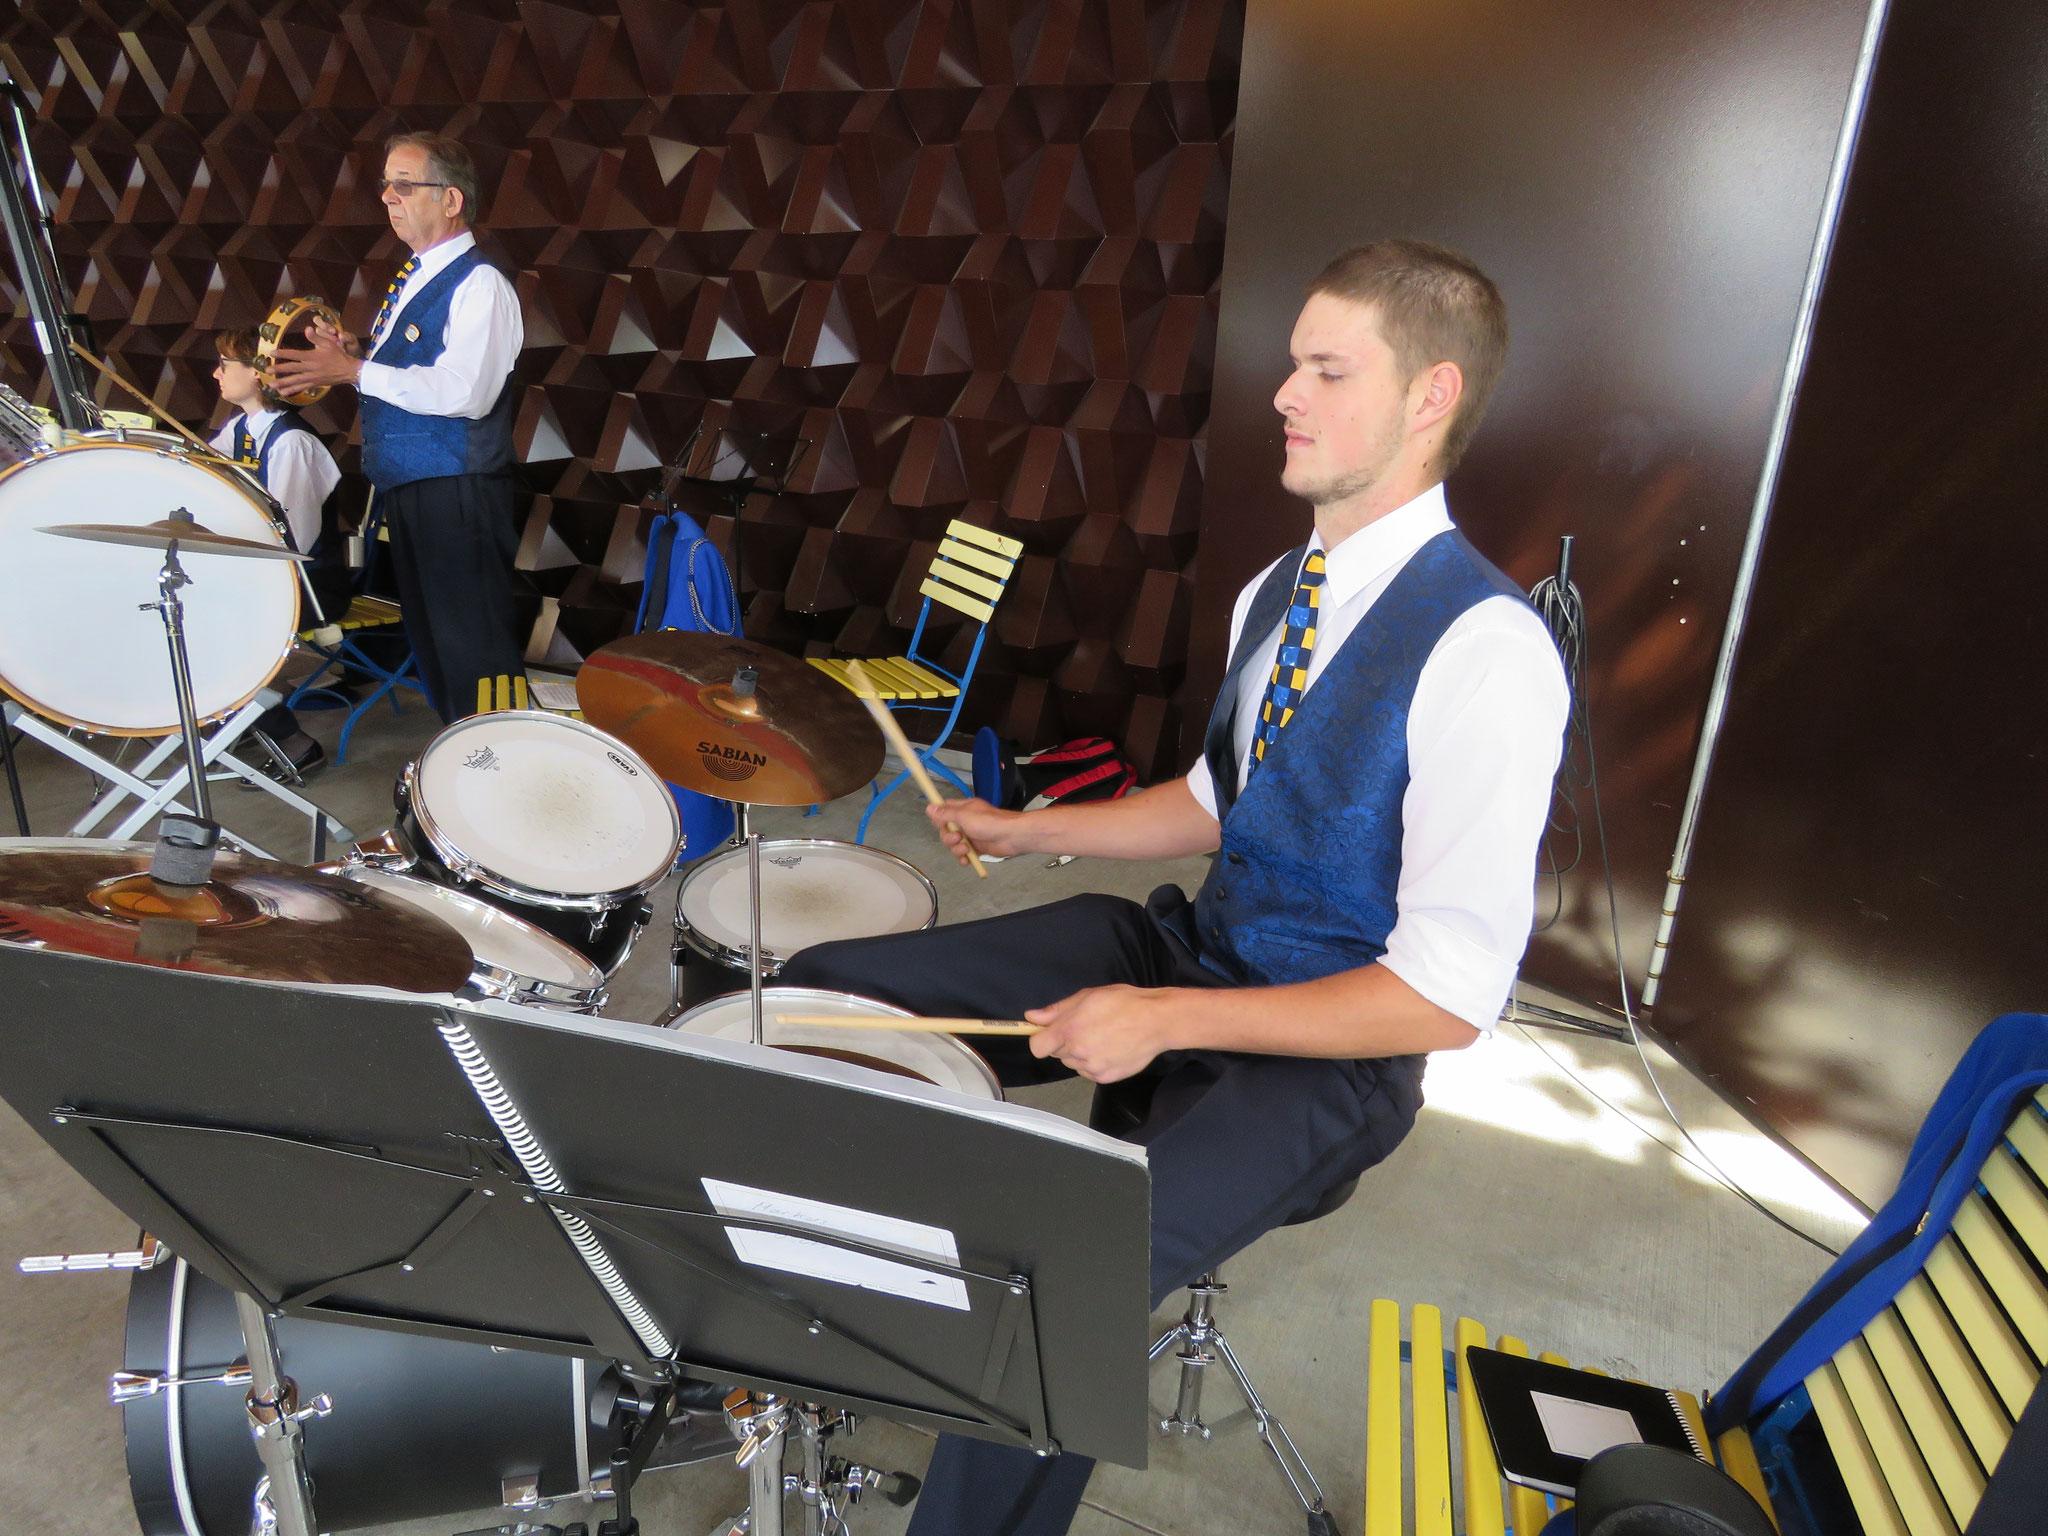 Die Musikgesellschaft Vitznau unter der Leitung von Simon Theiler gab im Anschluss ein kleines Konzert.